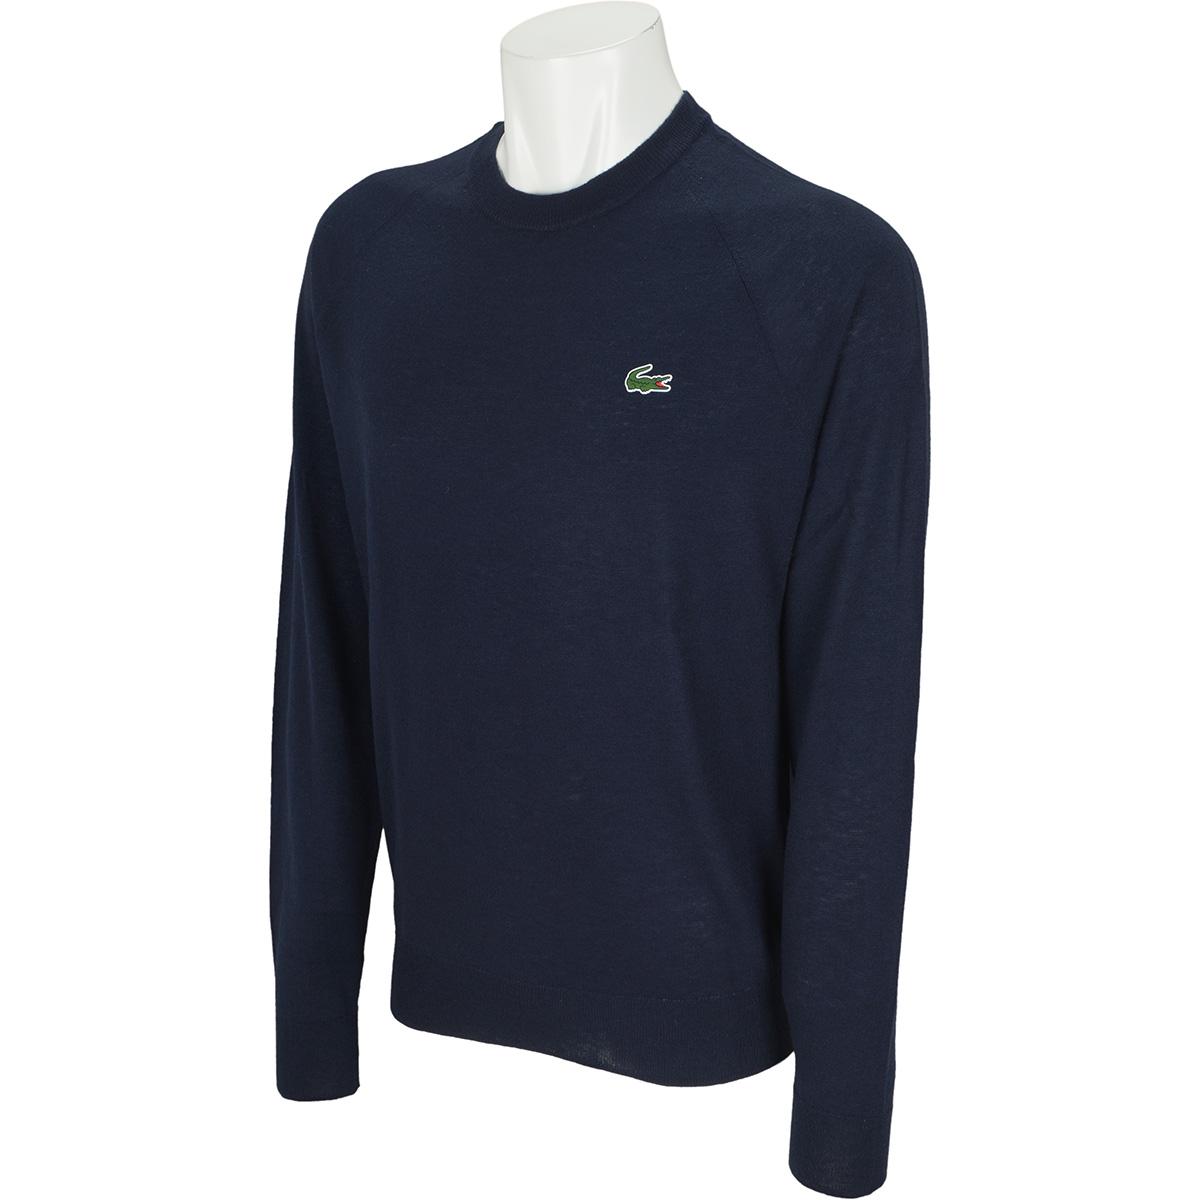 COOLMAX(R)仕様 クルーネックゴルフセーター